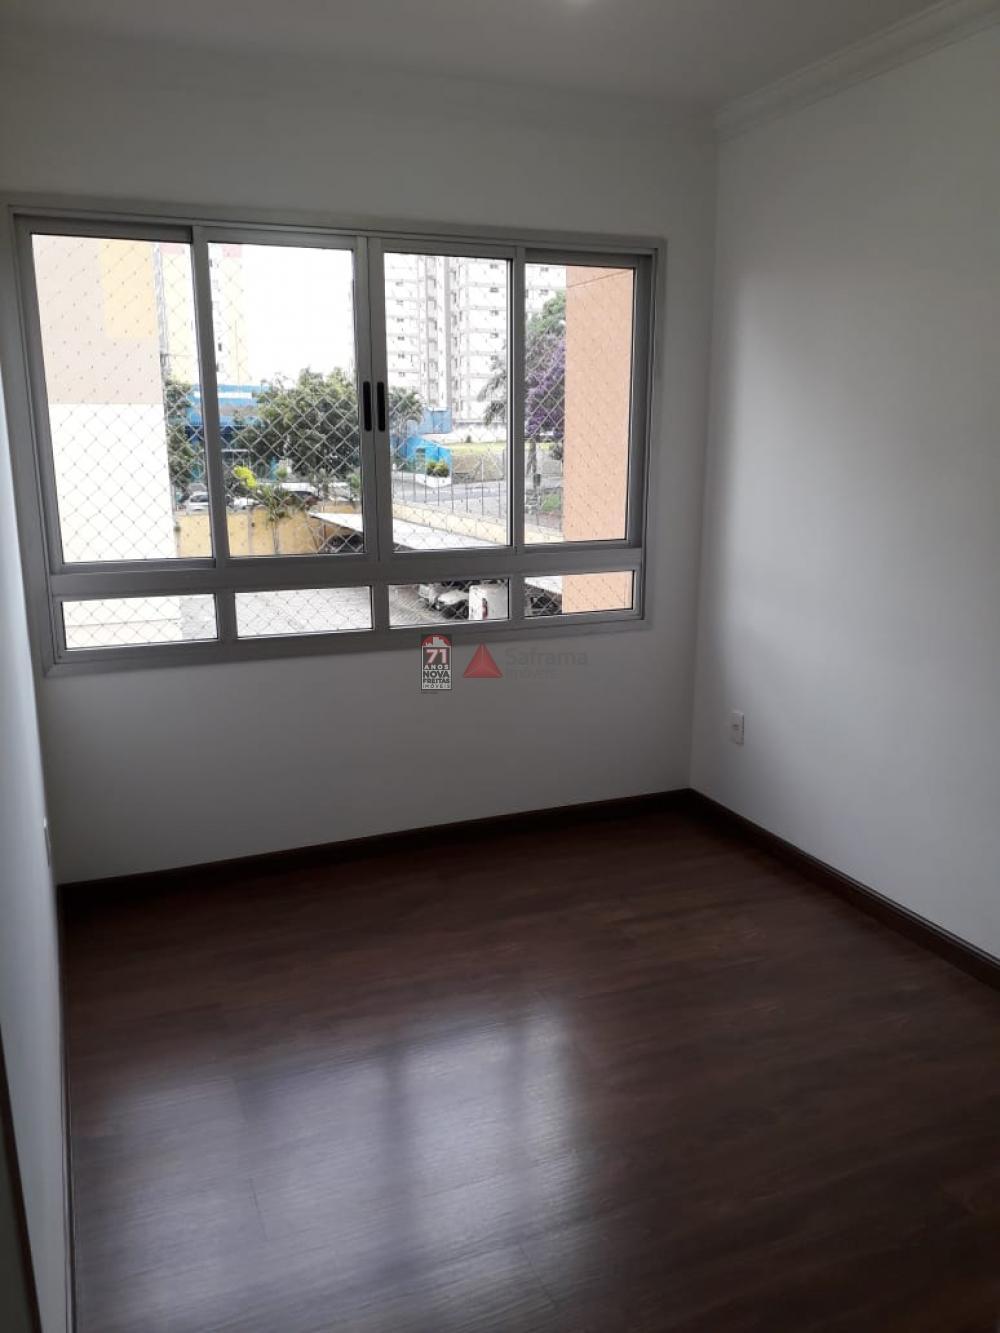 Comprar Apartamento / Padrão em São José dos Campos apenas R$ 330.000,00 - Foto 1